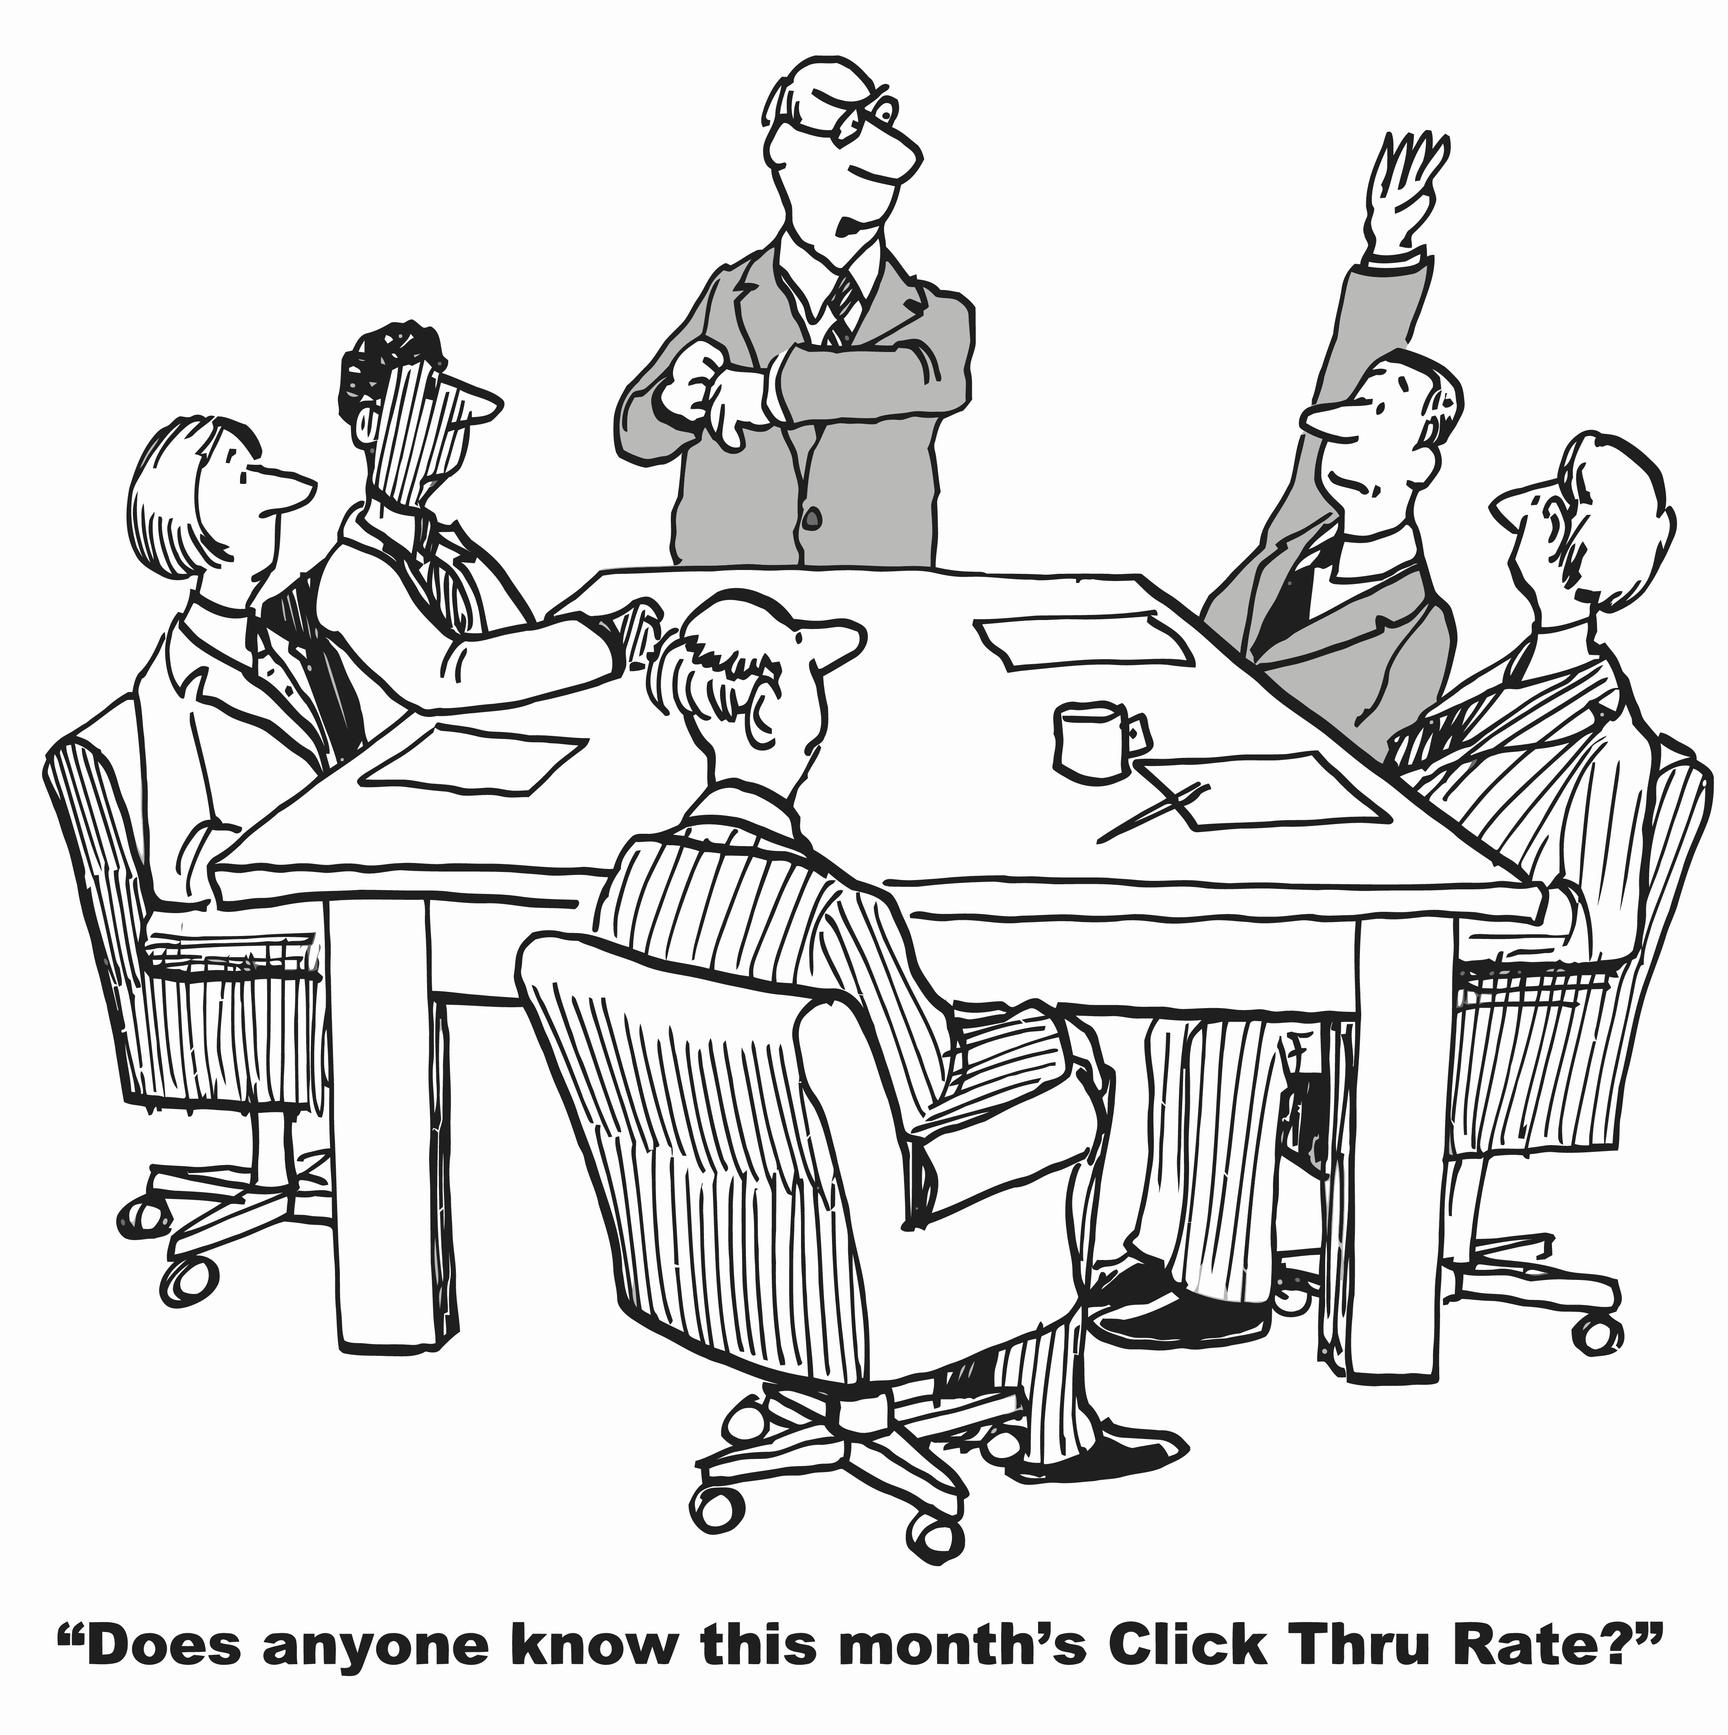 tegneserie med folk rundt et bord hvor det spørres om ctr